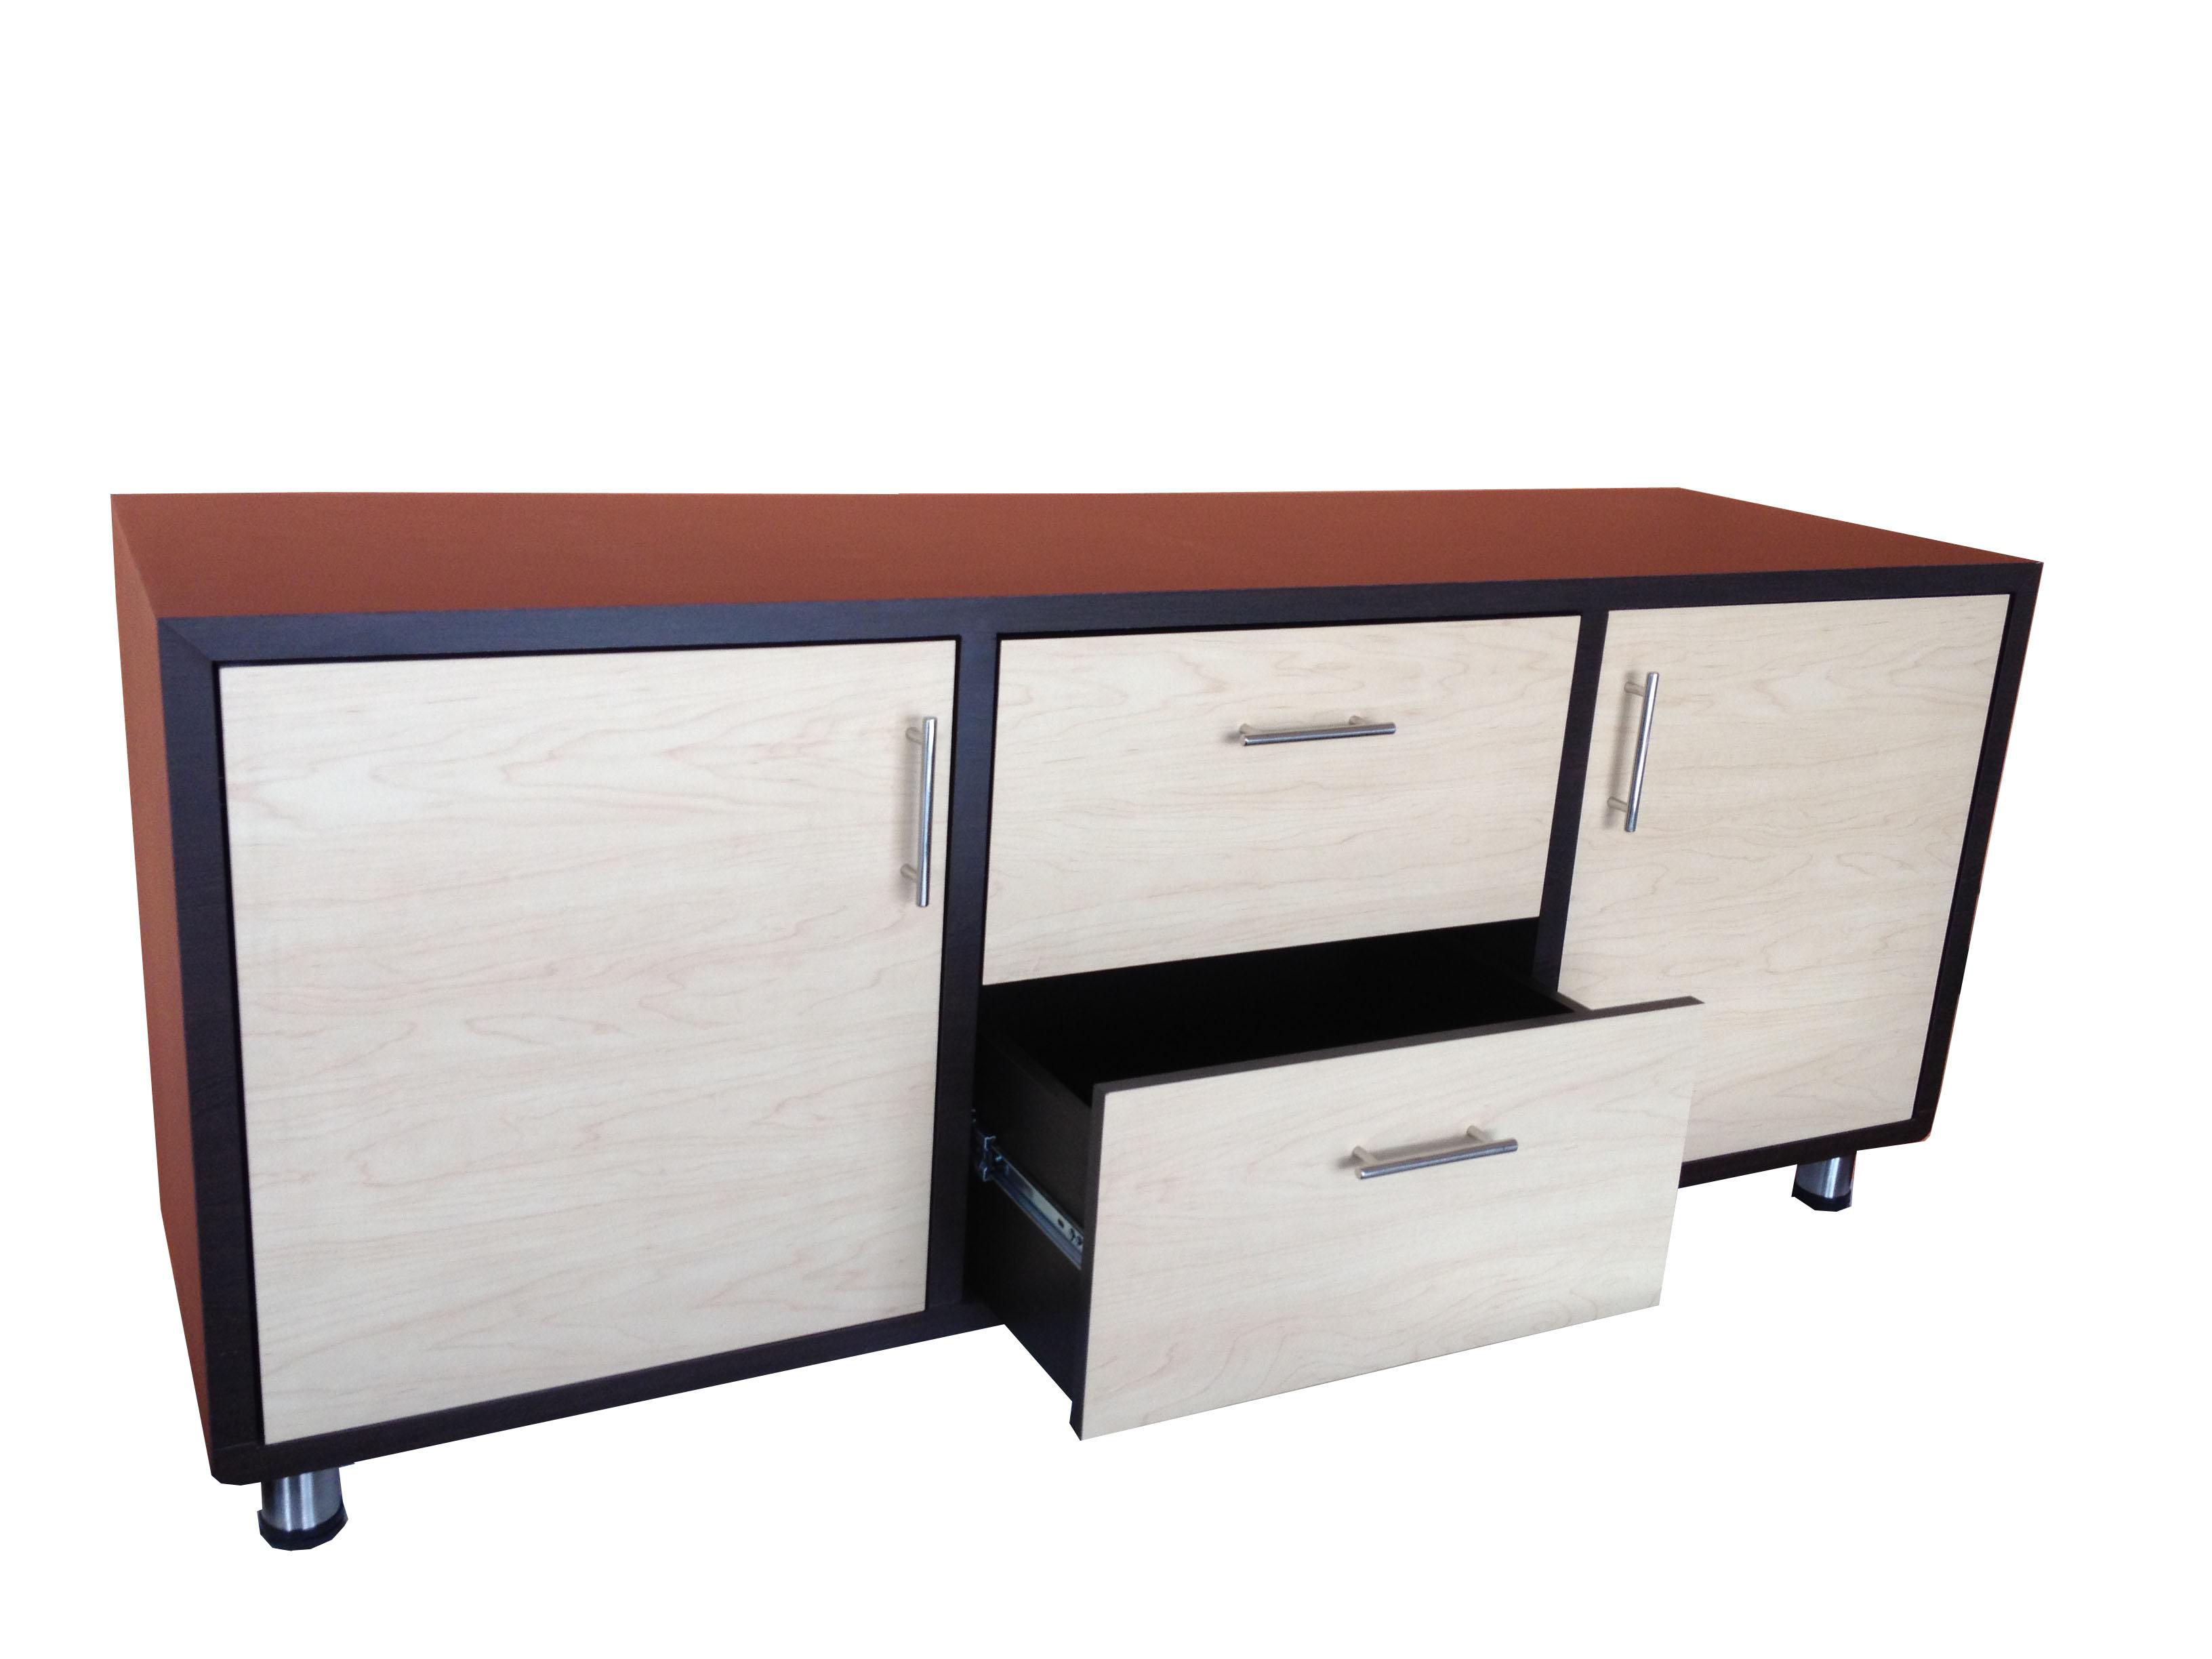 Muebles bogota muebles oficina sillas archivadores for Sillas para oficina de madera